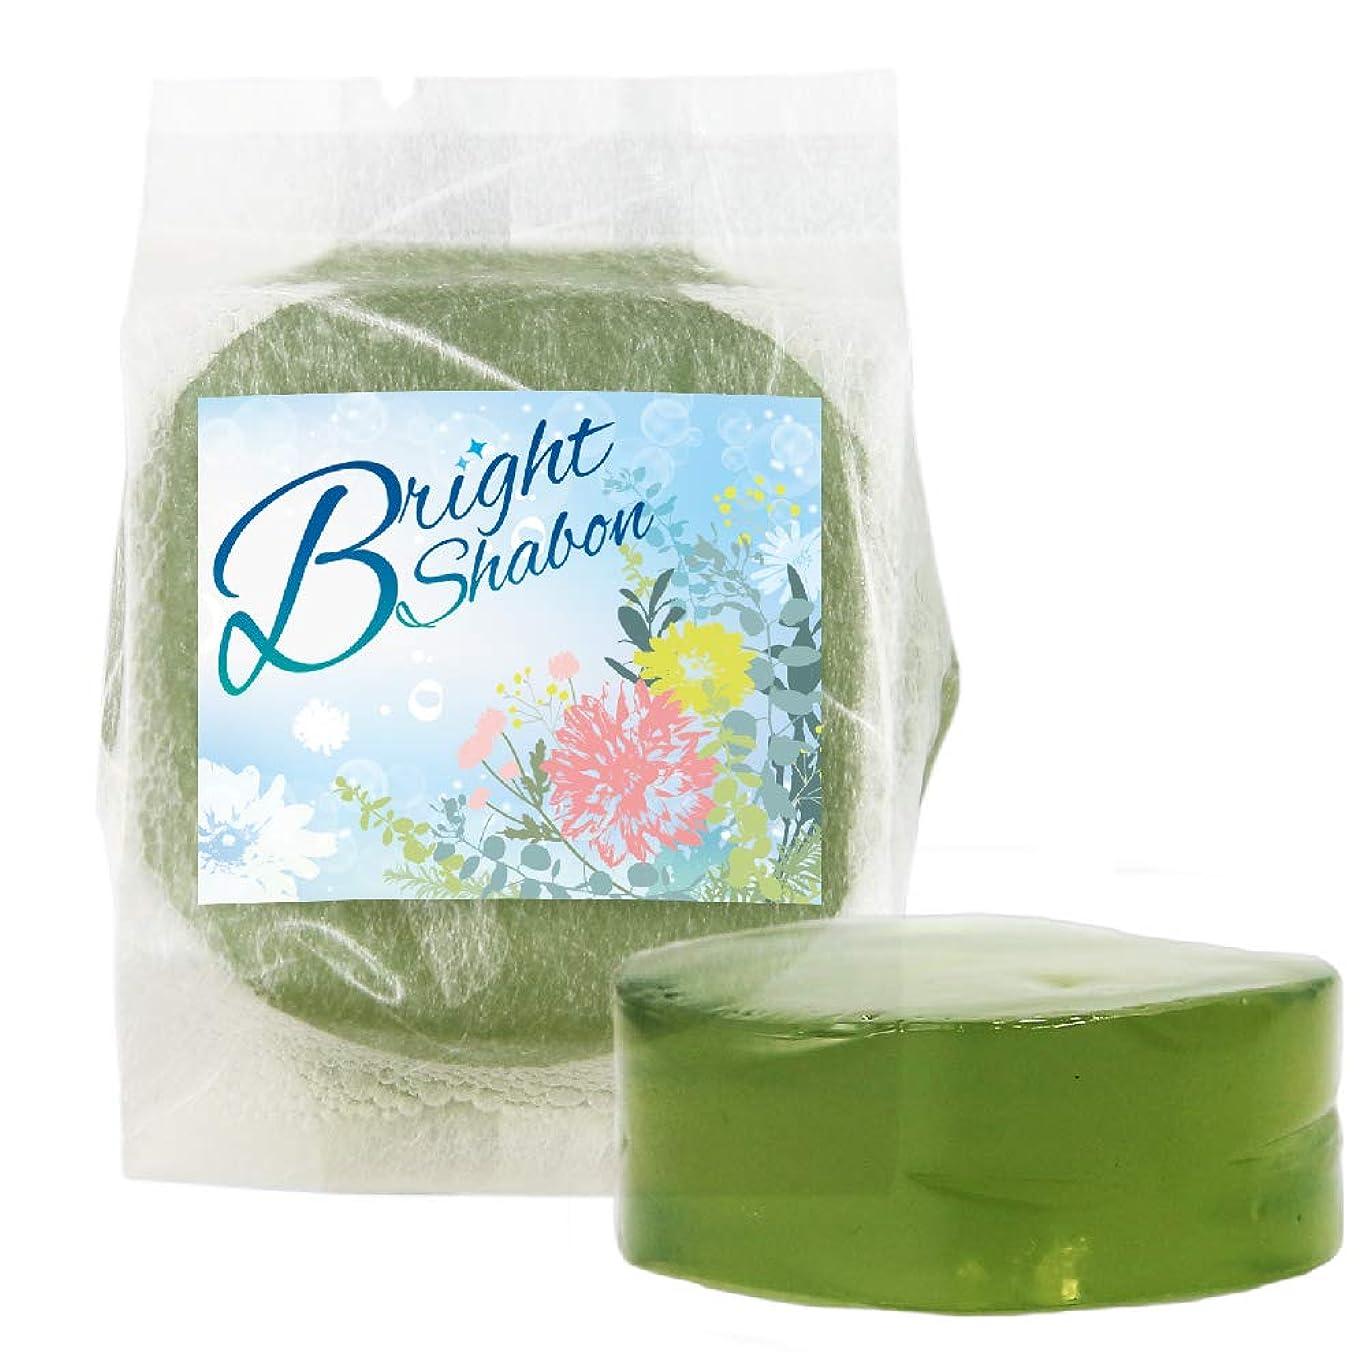 ボタン夜そこからブライトシャボン Bright Shabon 洗顔料 ぷるぷる石鹸 石けん